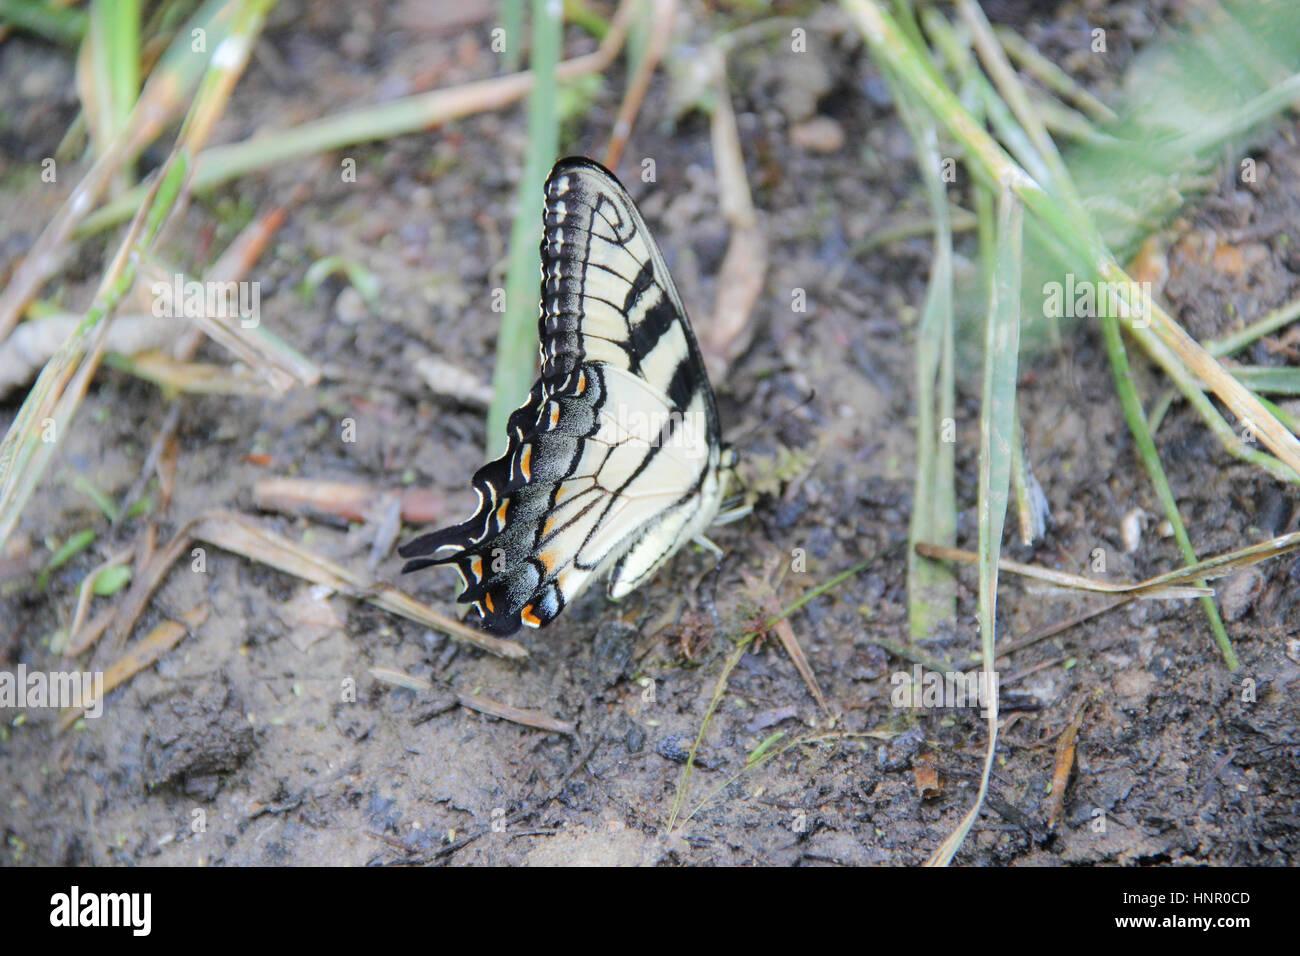 Tigre orientale a farfalla a coda di rondine in appoggio sul terreno Foto Stock